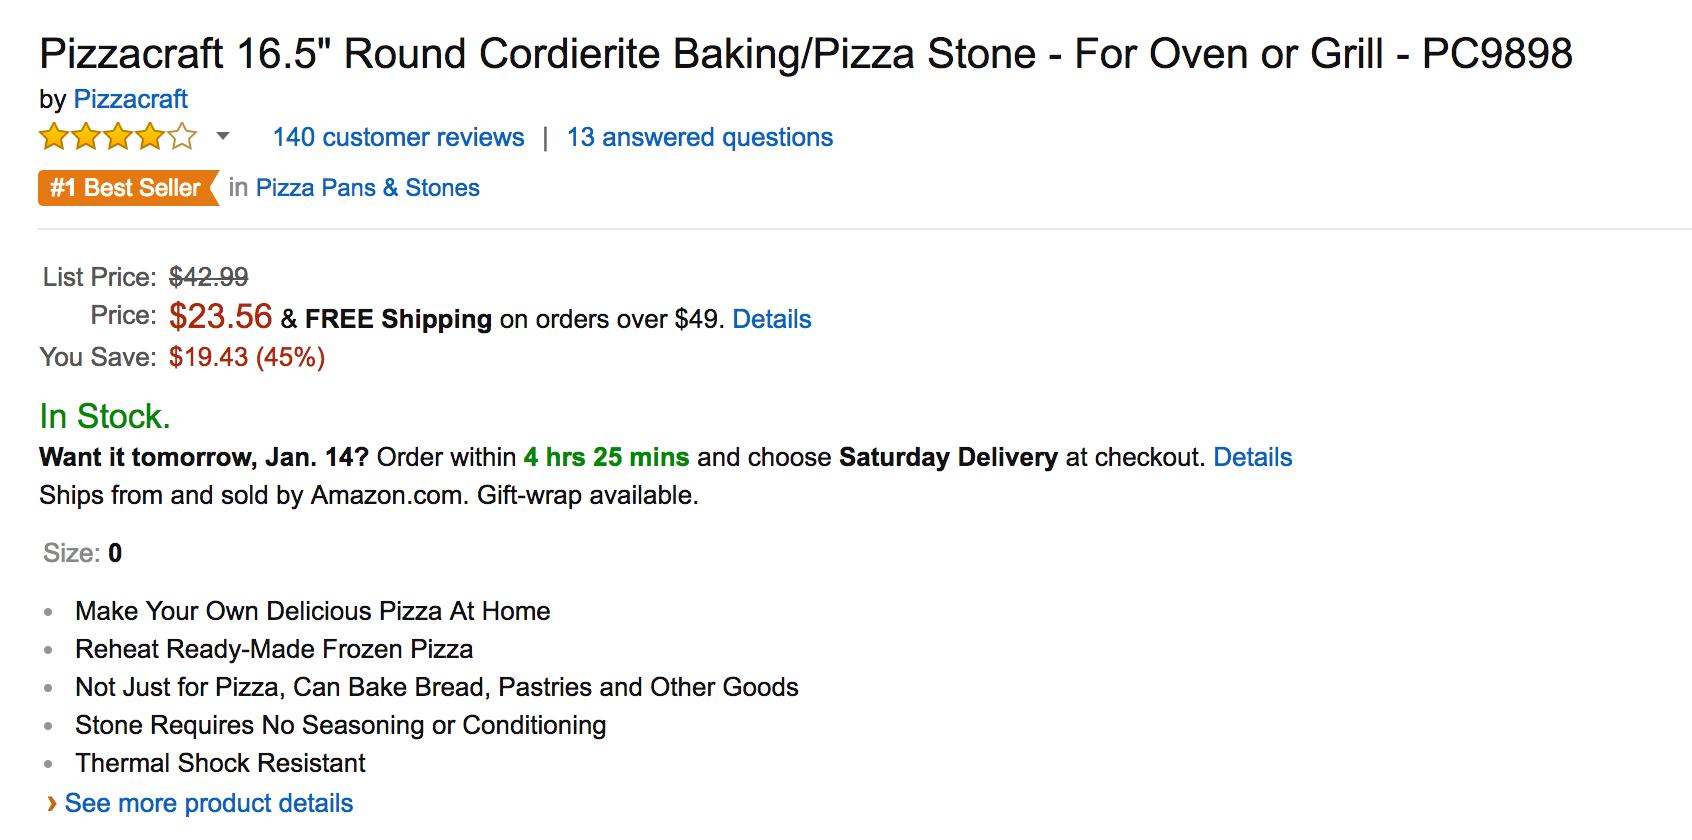 pizzacraft-16-5-inch-round-cordierite-bakingpizza-stone-2